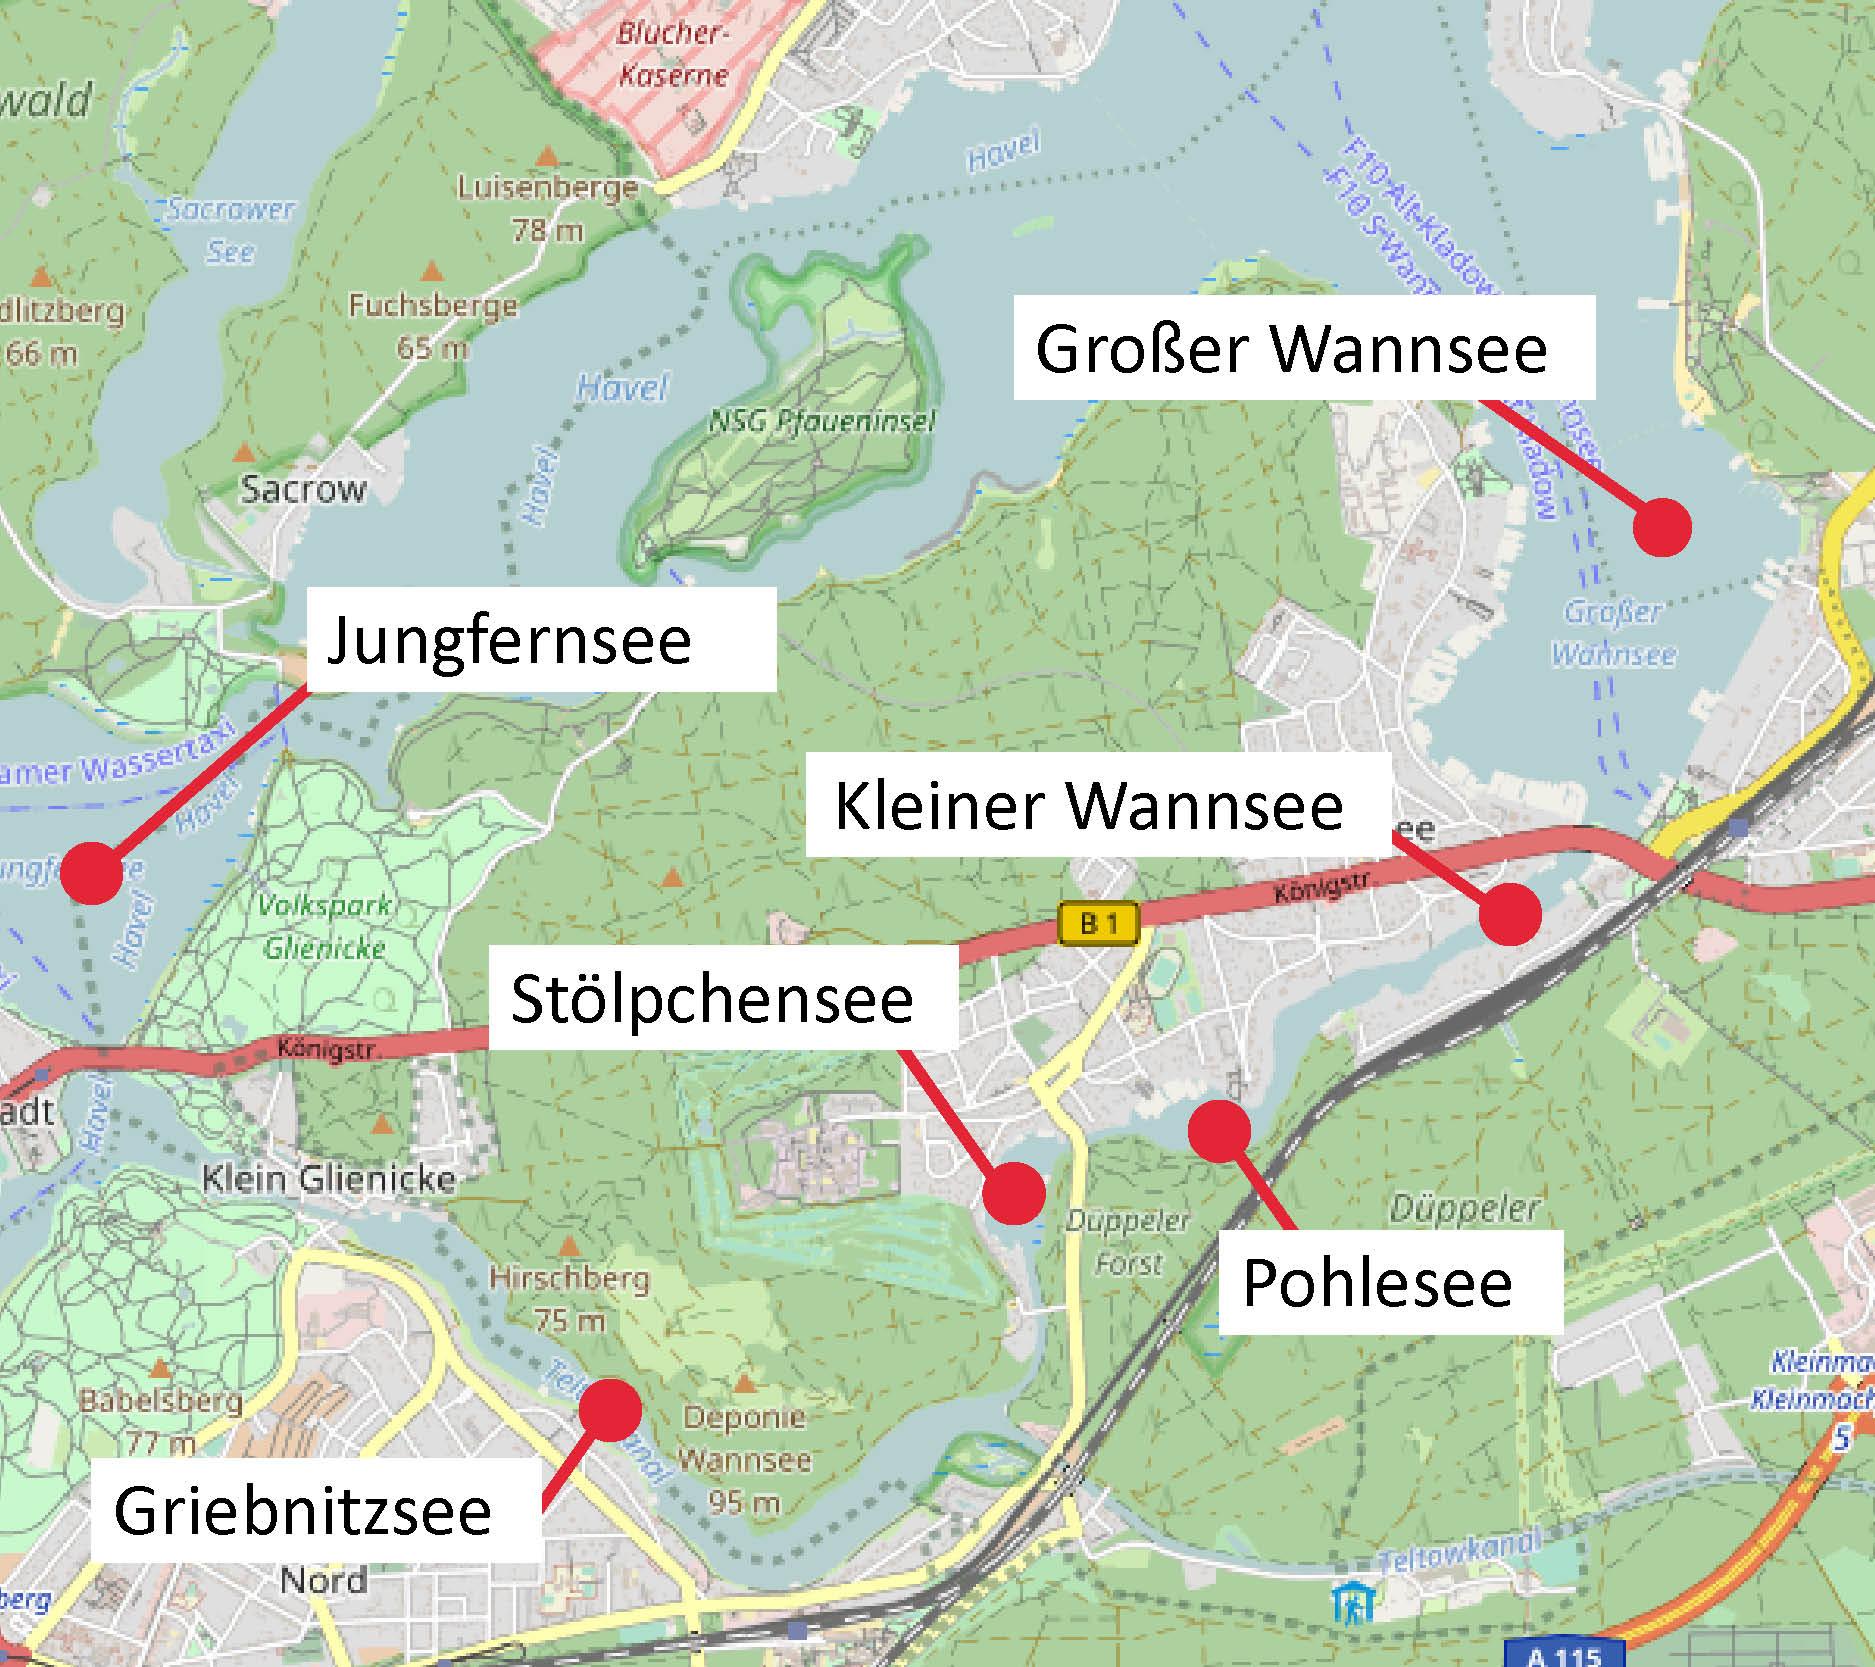 Großer- und Kleiner Wannsee